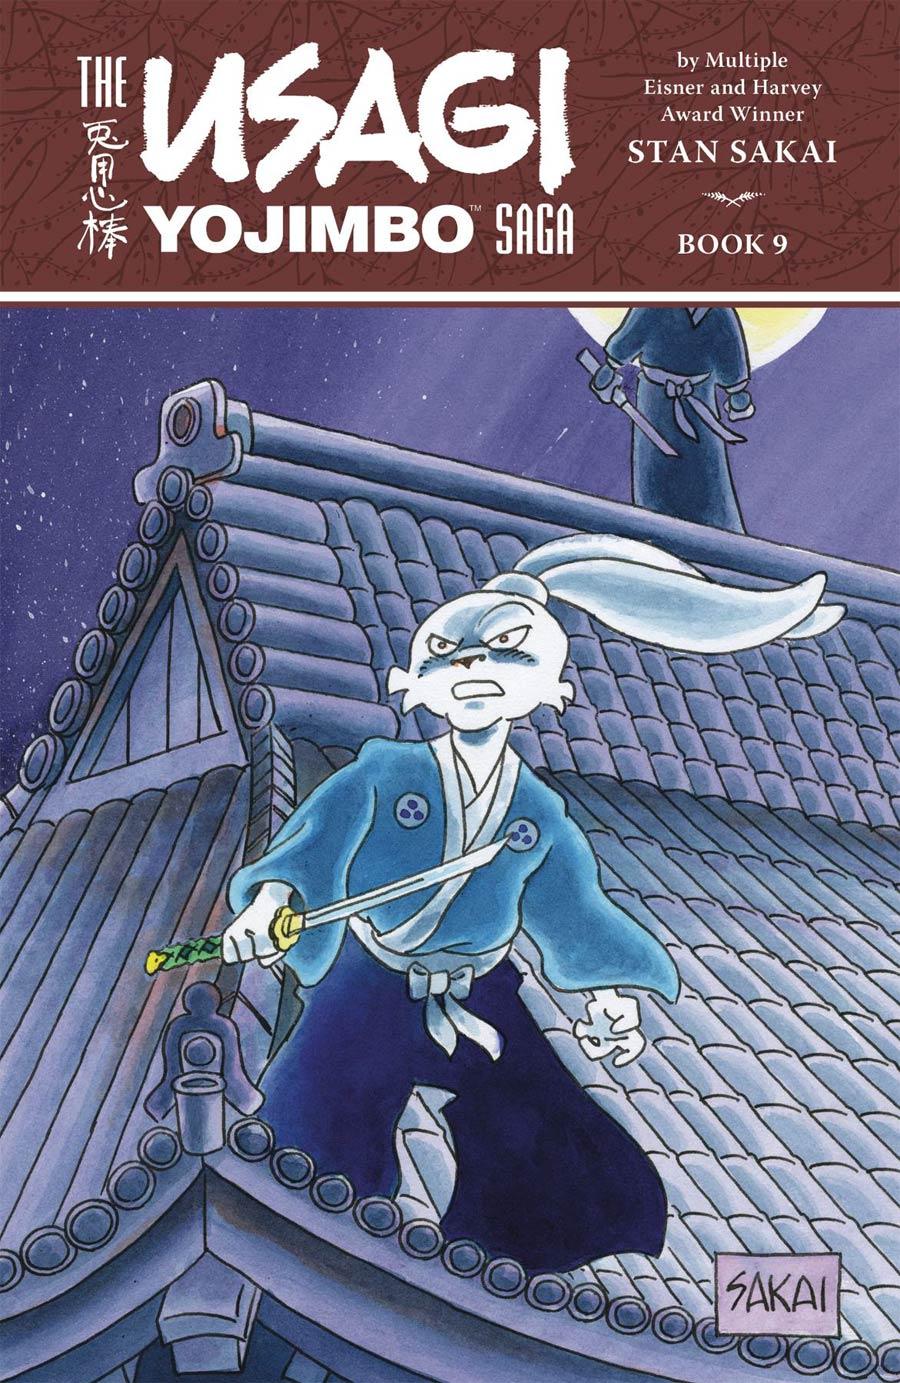 Usagi Yojimbo Saga Vol 9 TP